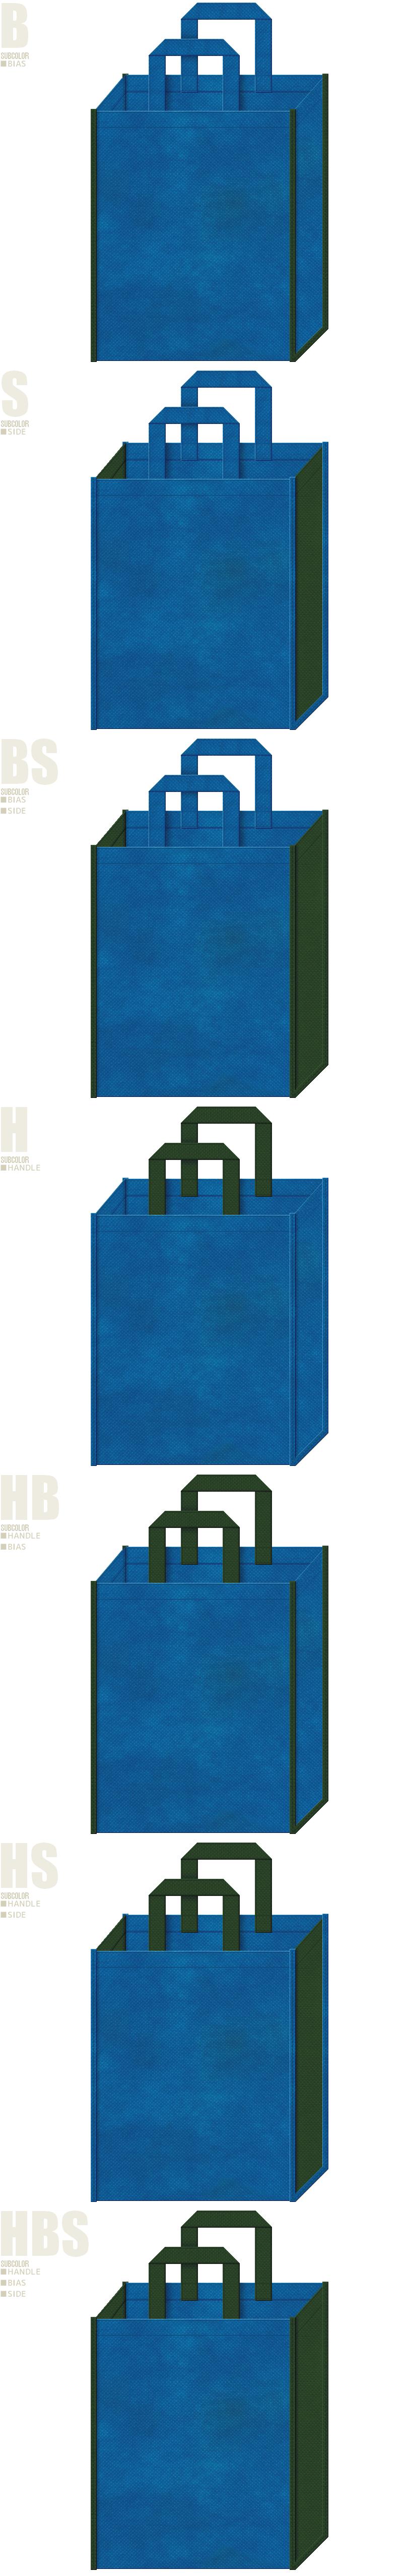 青色と濃緑色の不織布バッグデザイン:配色7パターン